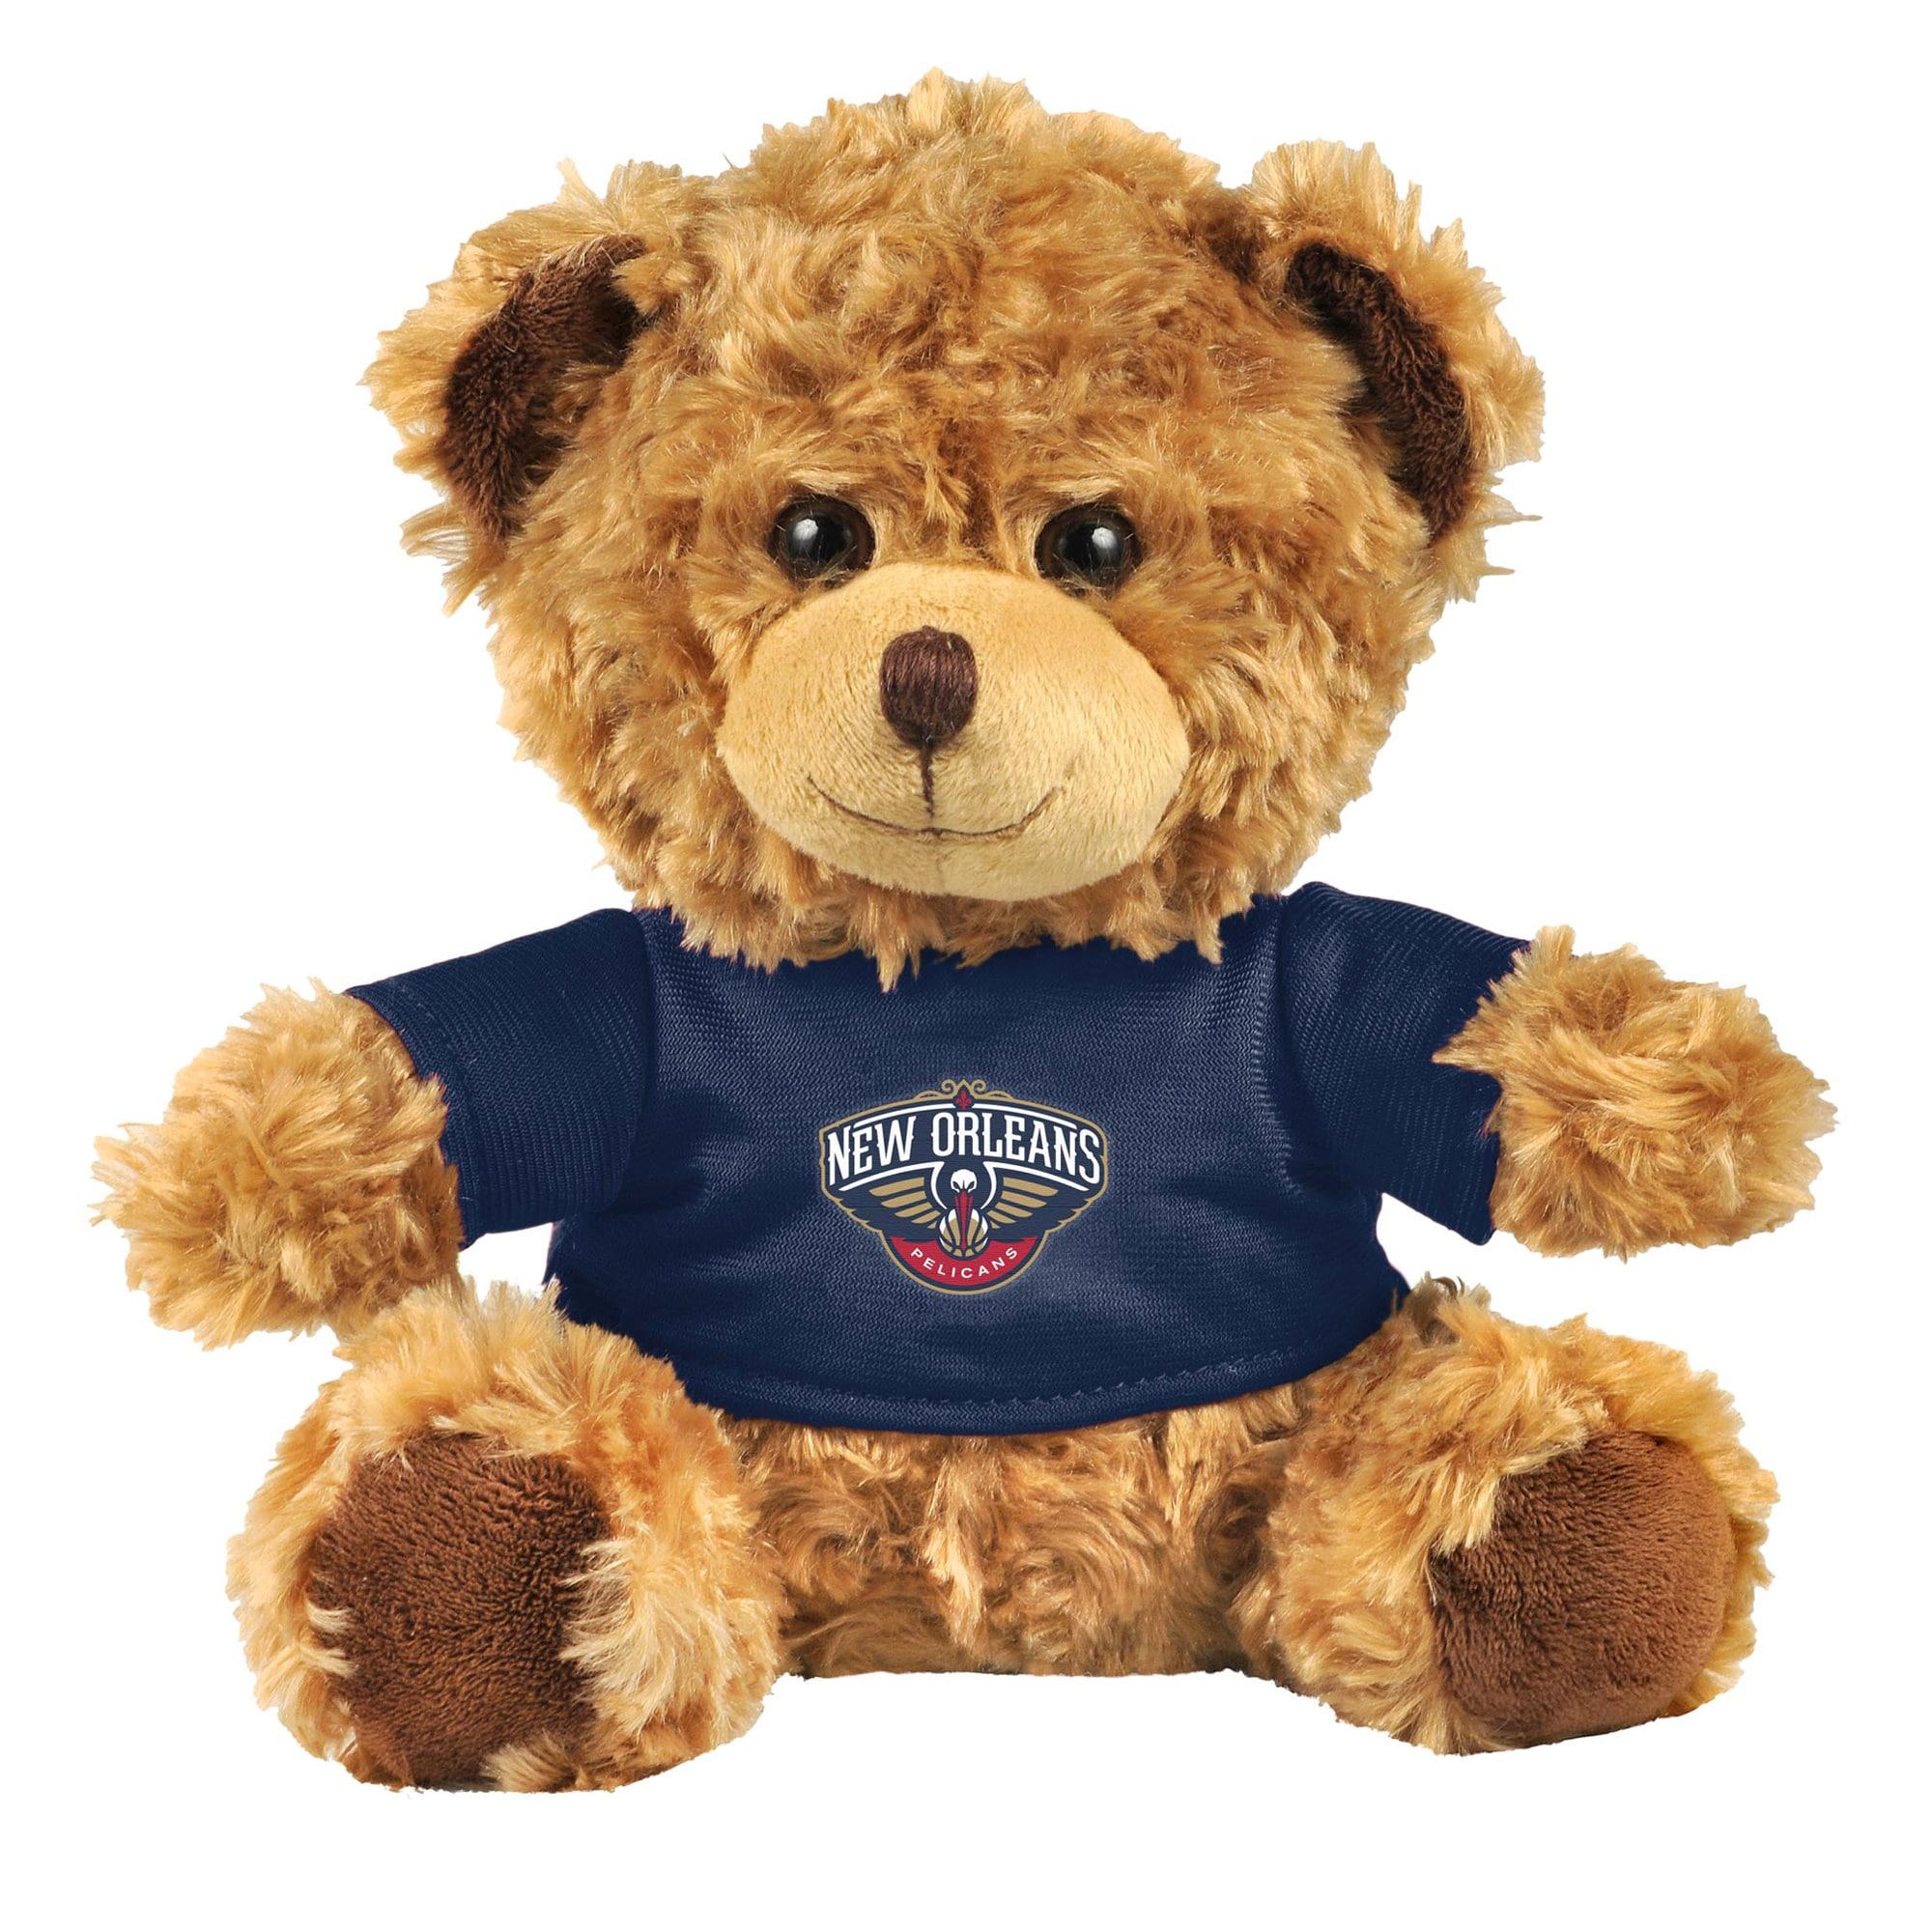 New Orleans Pelicans Team Shirt Bear